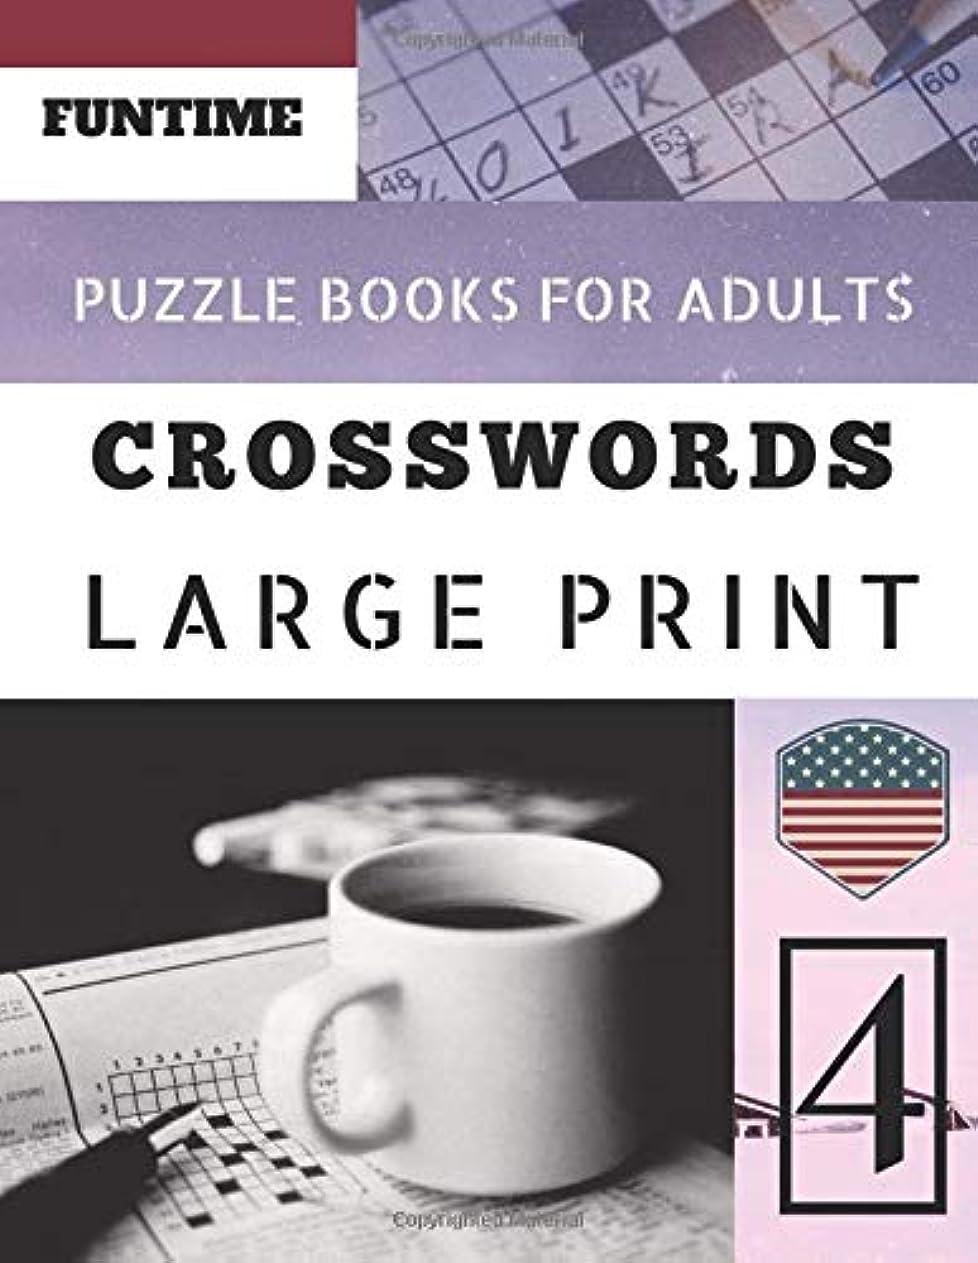 想起有能な谷Crossword puzzle books for adults large print: Funtime 50 Large Print Crosswords Puzzles to Keep you Entertained for Hours (Telegraph Daily mail Quick Crossword Puzzle)